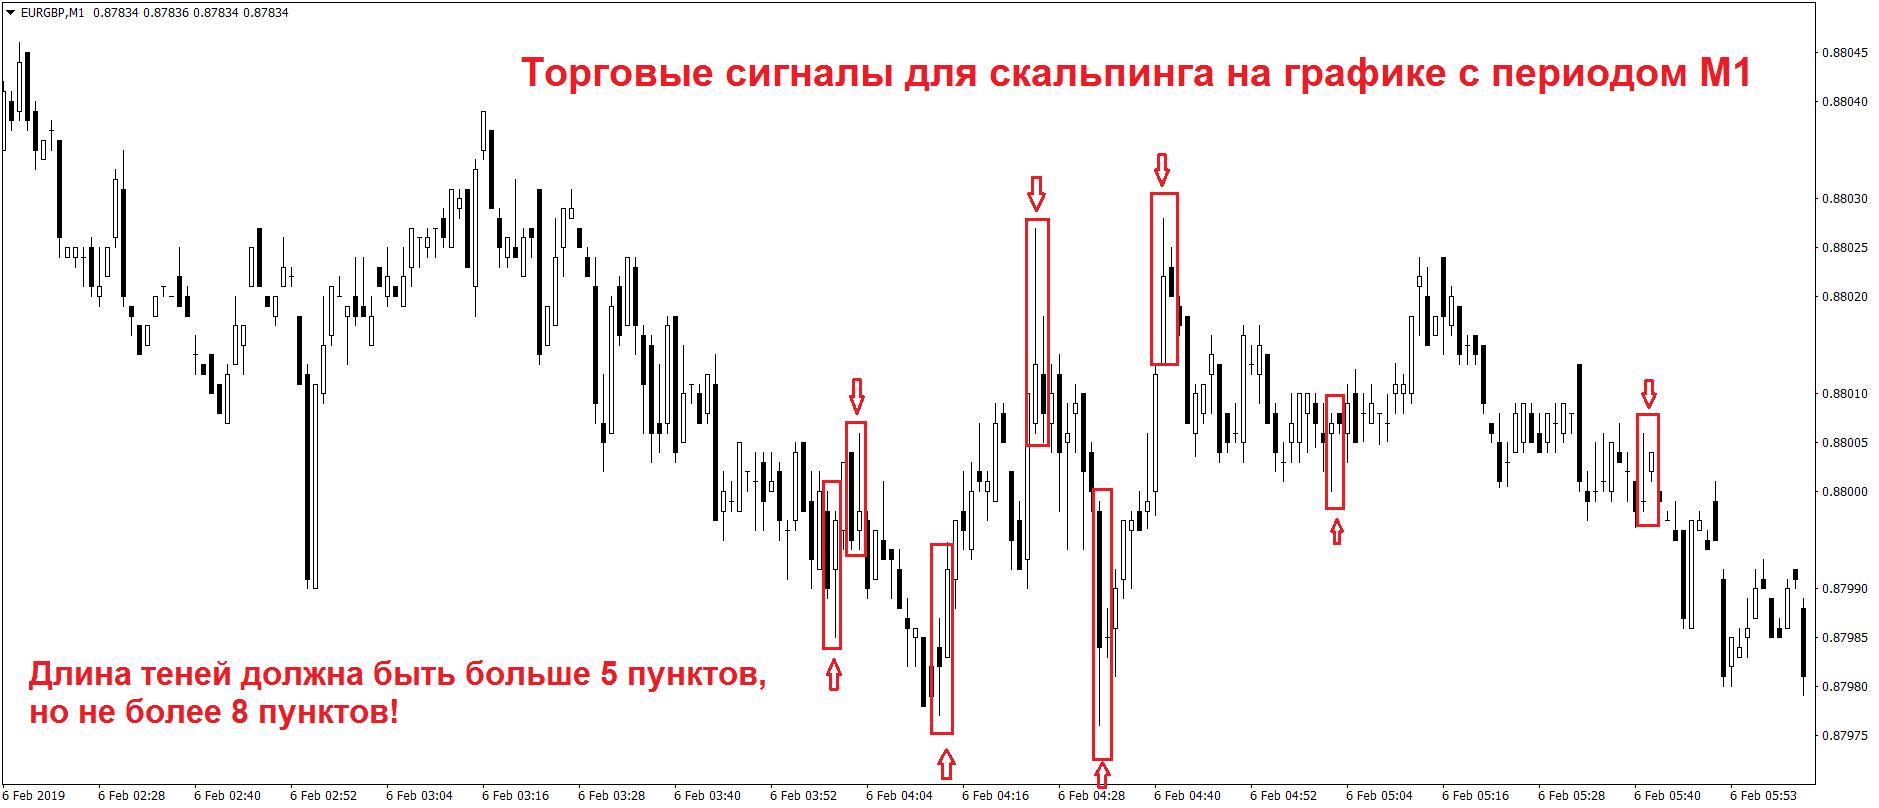 Схематическое отображение торгового сигнала на графике с периодом М1